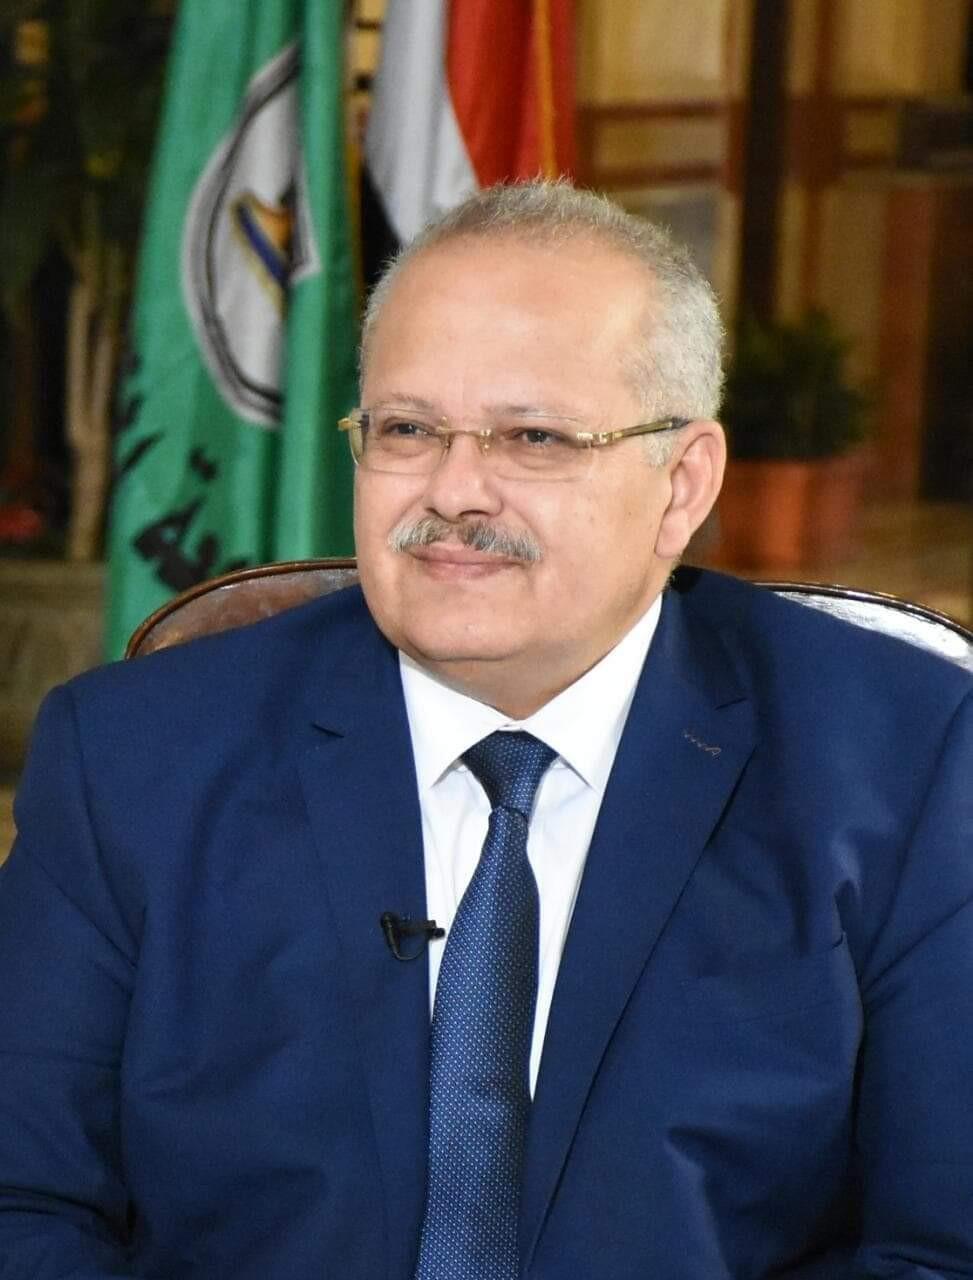 رئيس جامعة القاهرة: تخصيص 90 منحة مجانية كاملة لـ30 طالبا الأوائل في كل شعبة بالثانوية العامة 11-11-11